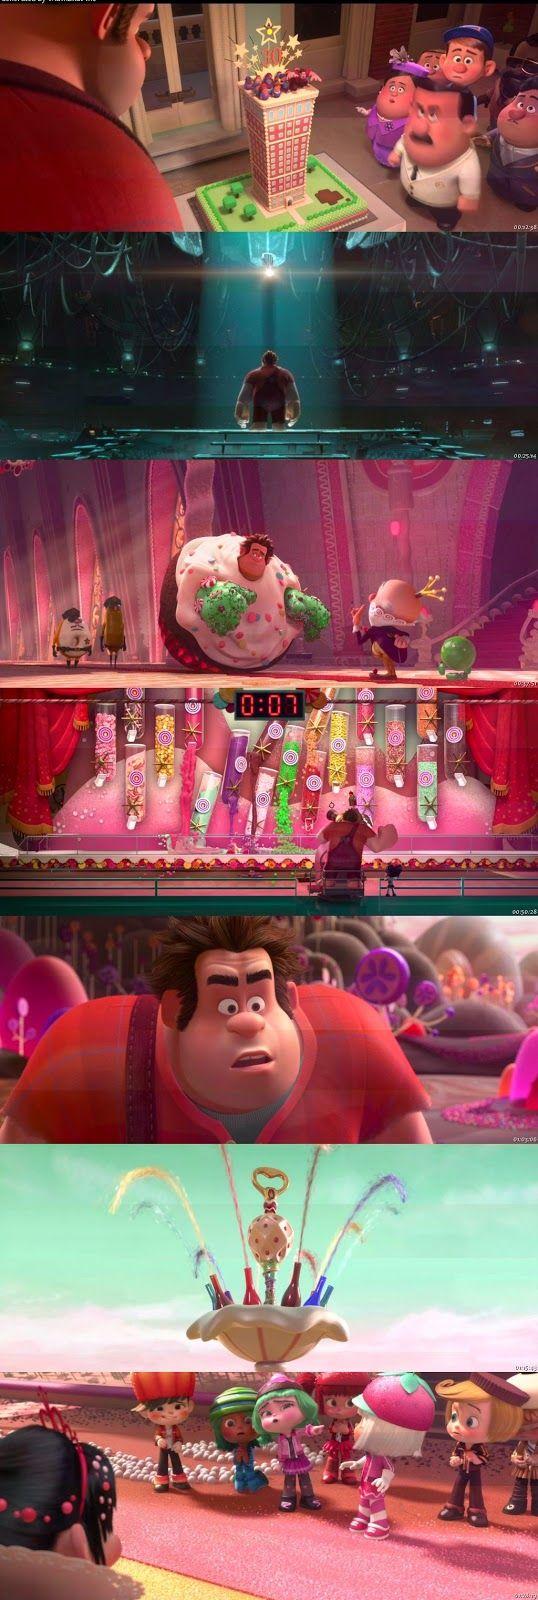 Película del 2012 Calidad en Alta Definición 720p HD con Audio Español Latino Película de Comedia y Fantasia Ralph el Demoledor anhela ser amado y respetado